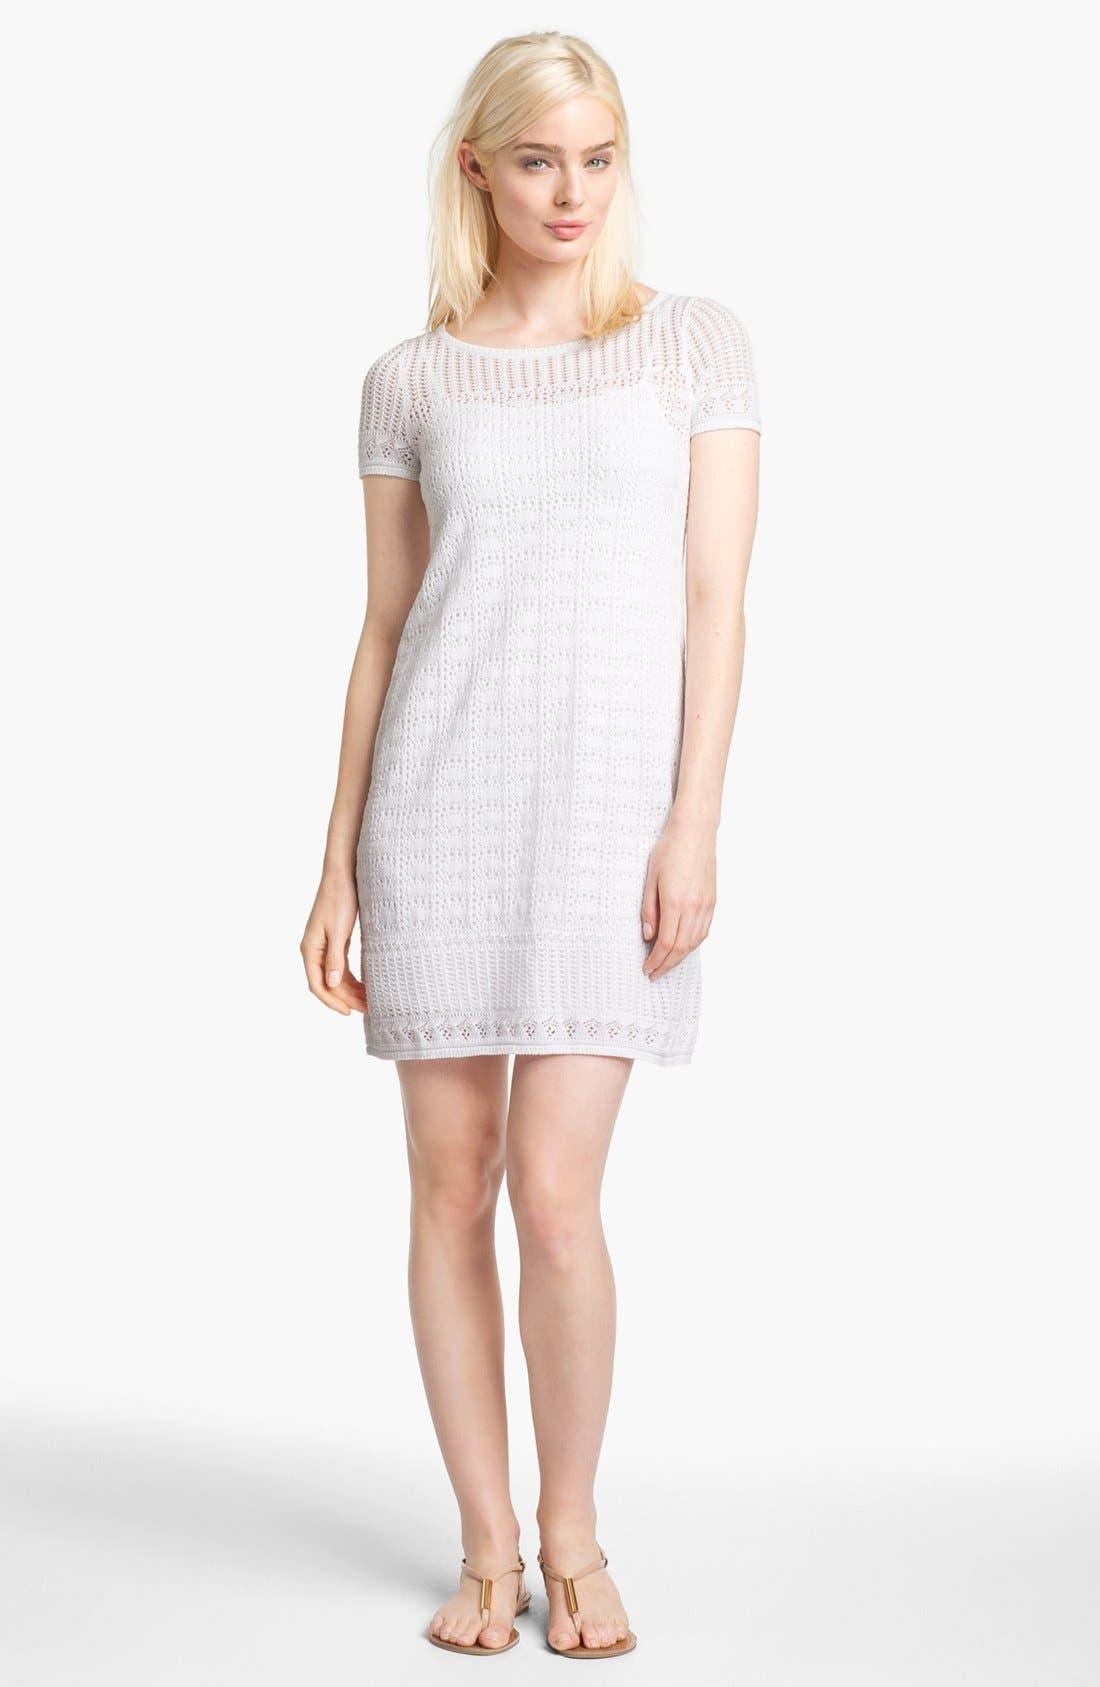 Main Image - Lilly Pulitzer® 'Paula' Crochet Sweater Shift Dress